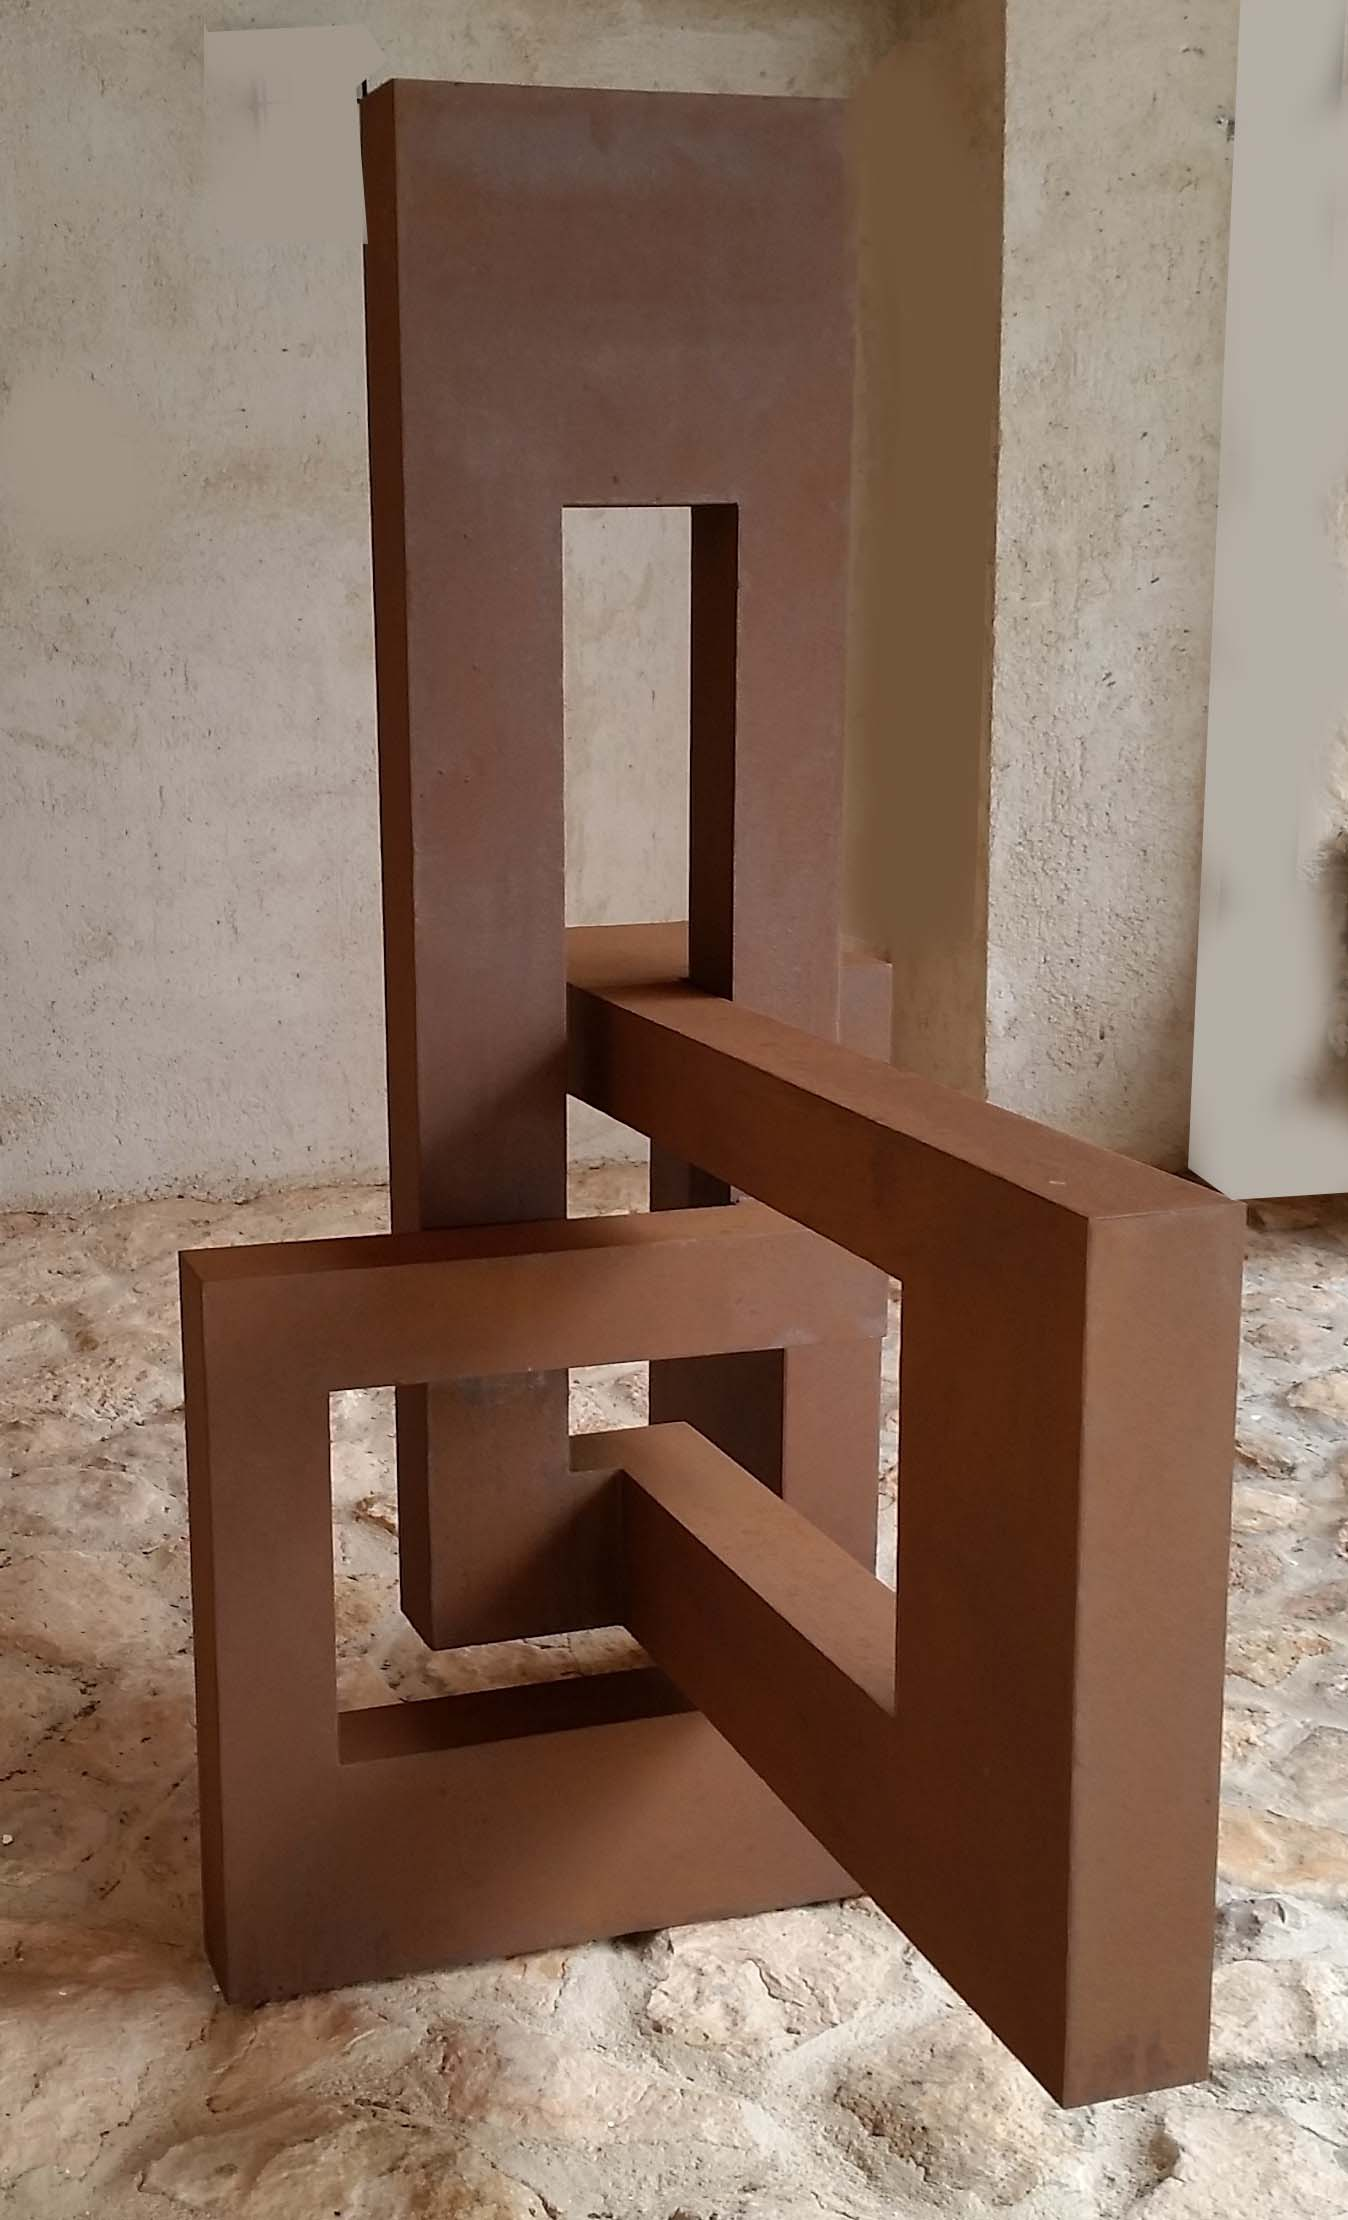 figura en acero corten x x cm disponible euros